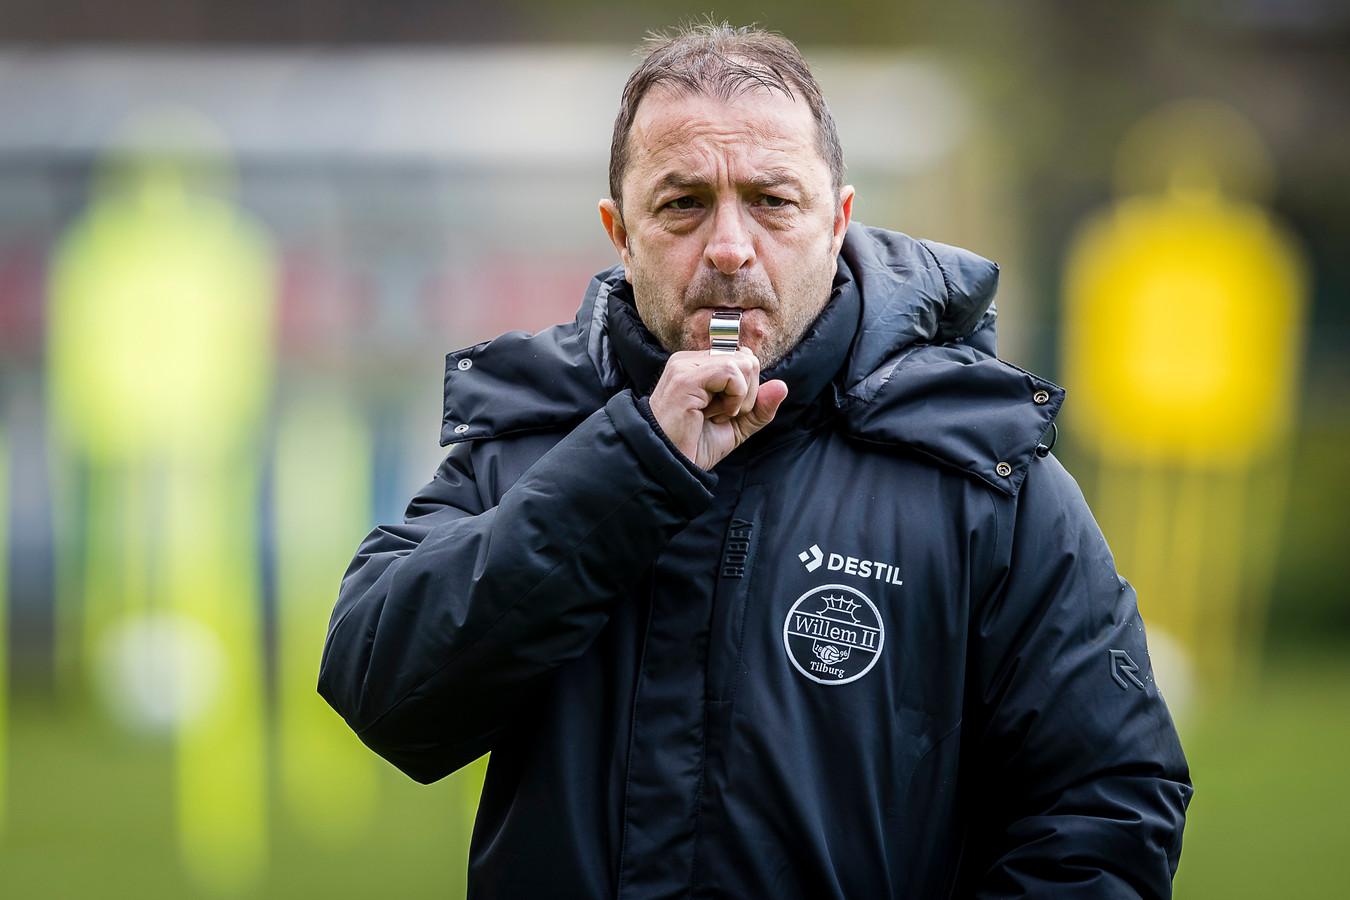 De tijd dringt voor vijf clubs in de eredivisie, zo ook voor het Willem II van trainer Zeljko Petrovic.